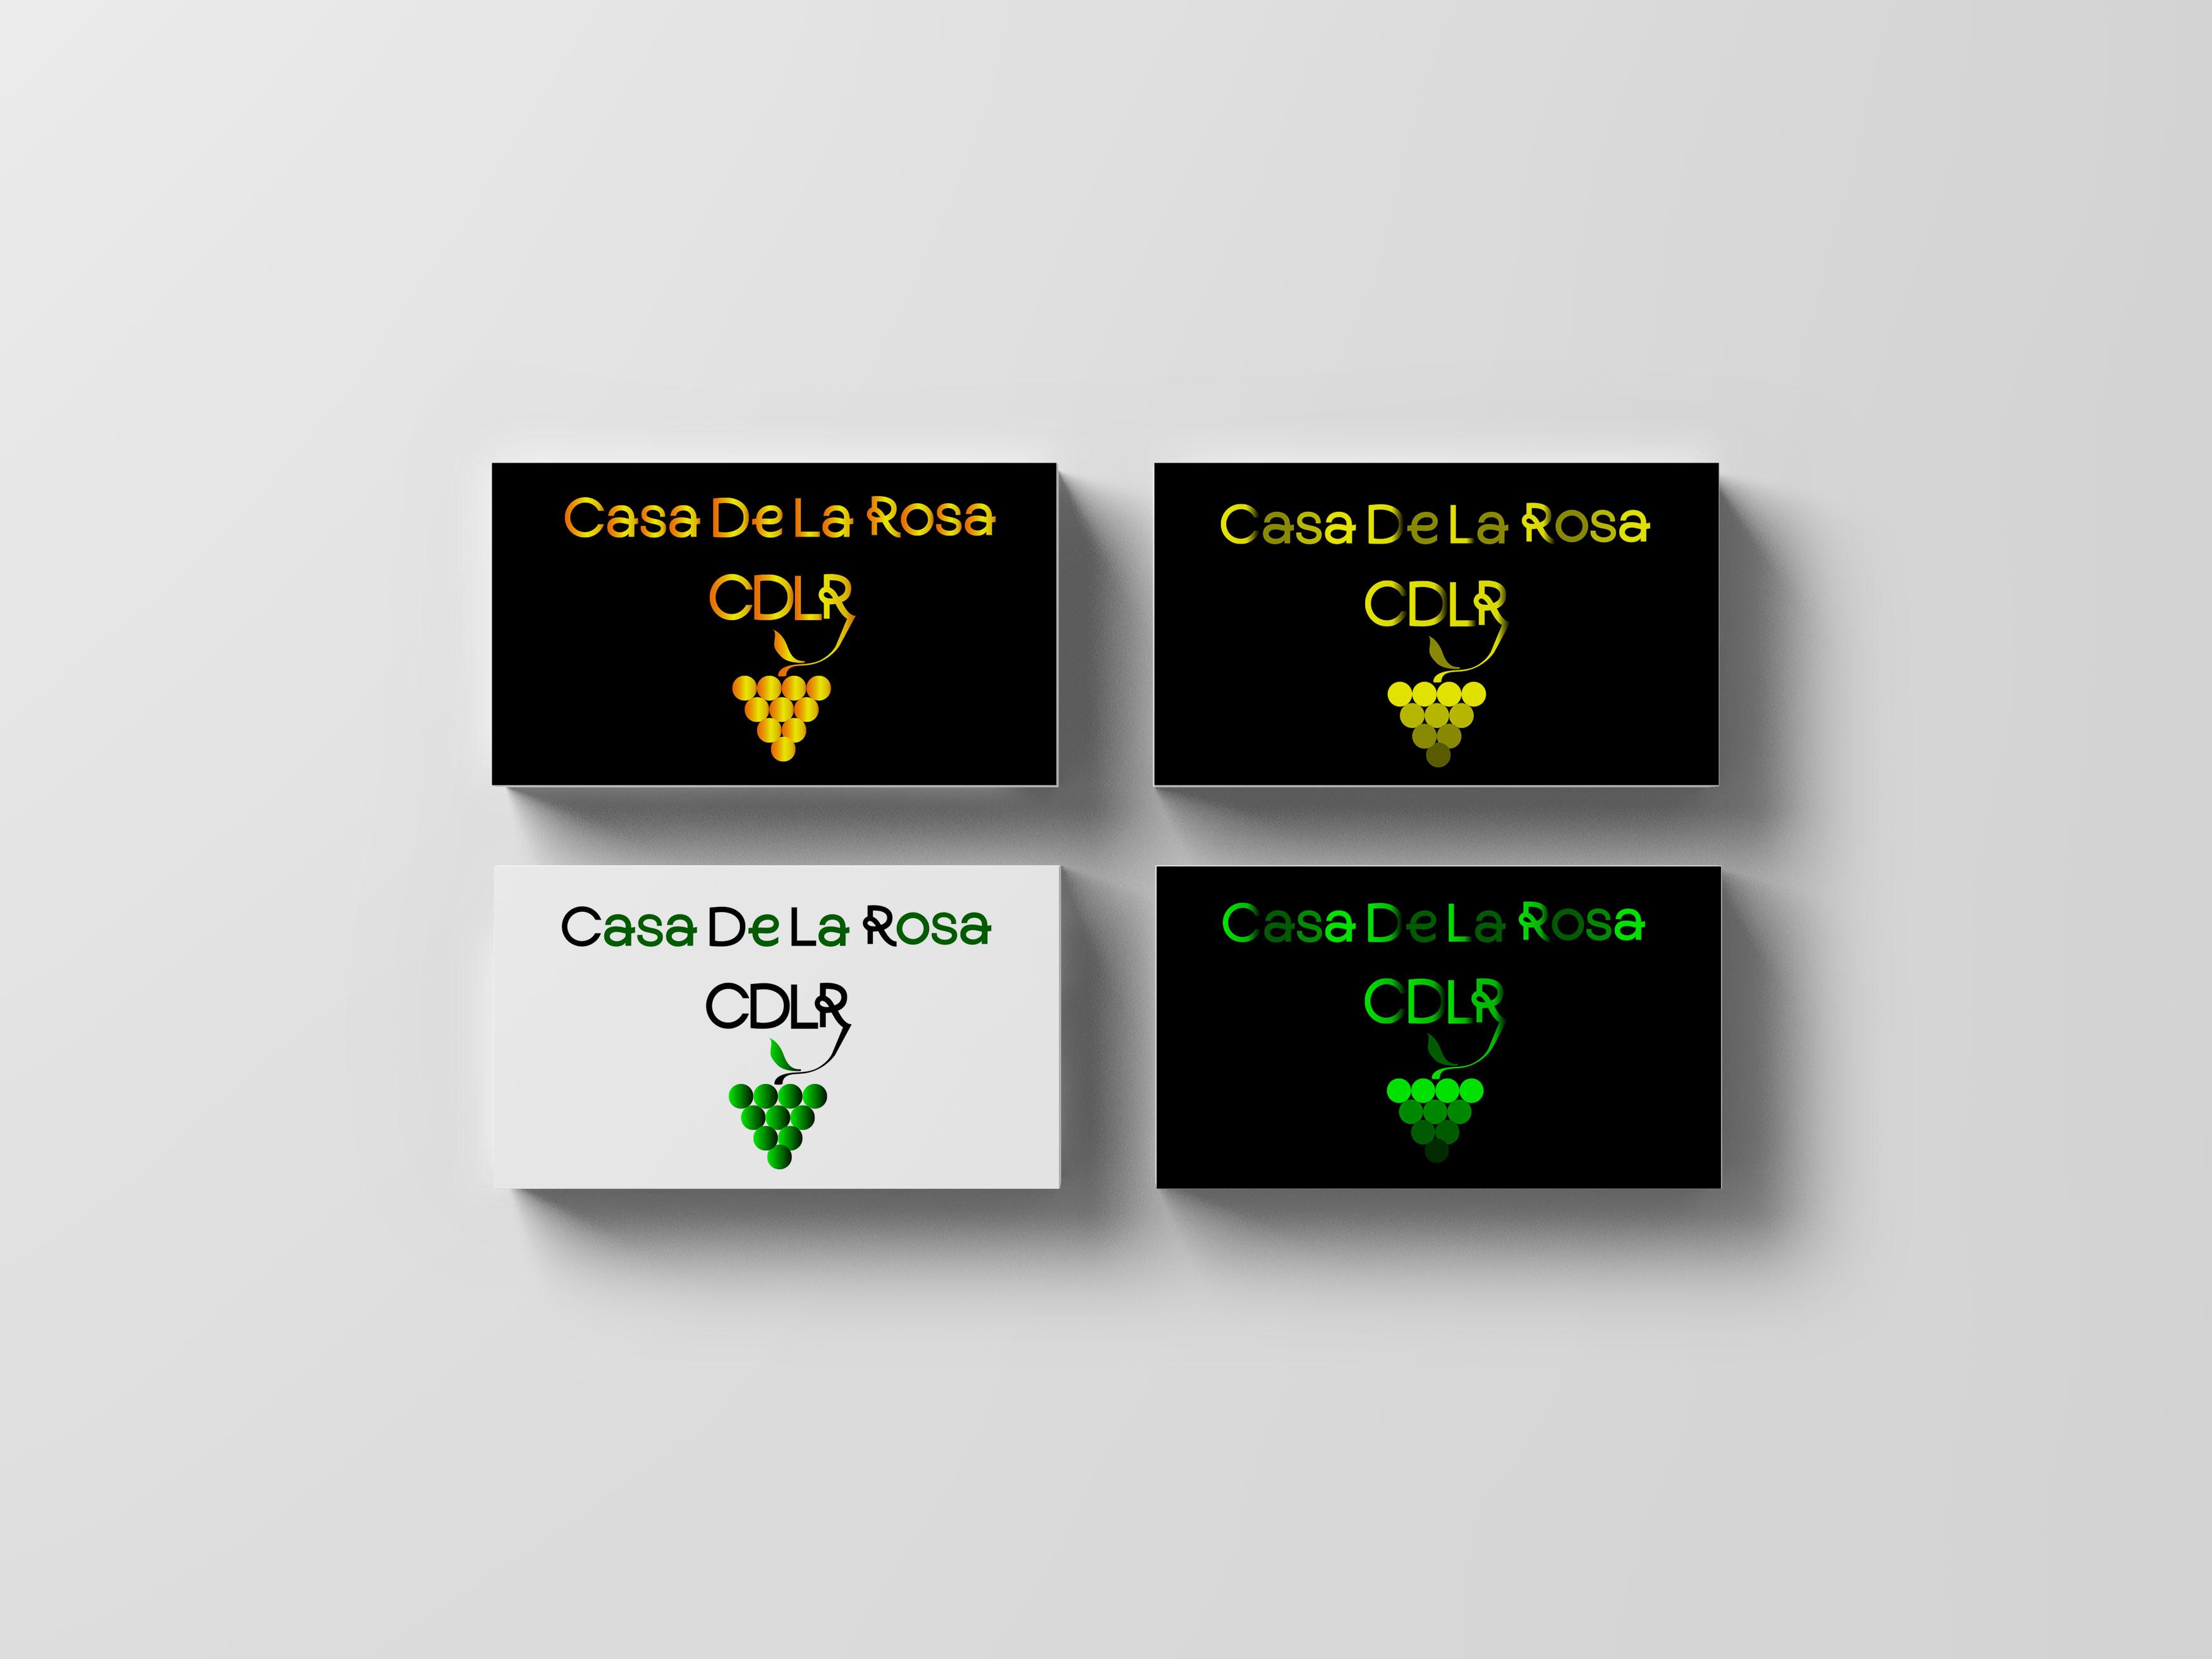 Логотип + Фирменный знак для элитного поселка Casa De La Rosa фото f_7395cd1da0831359.jpg